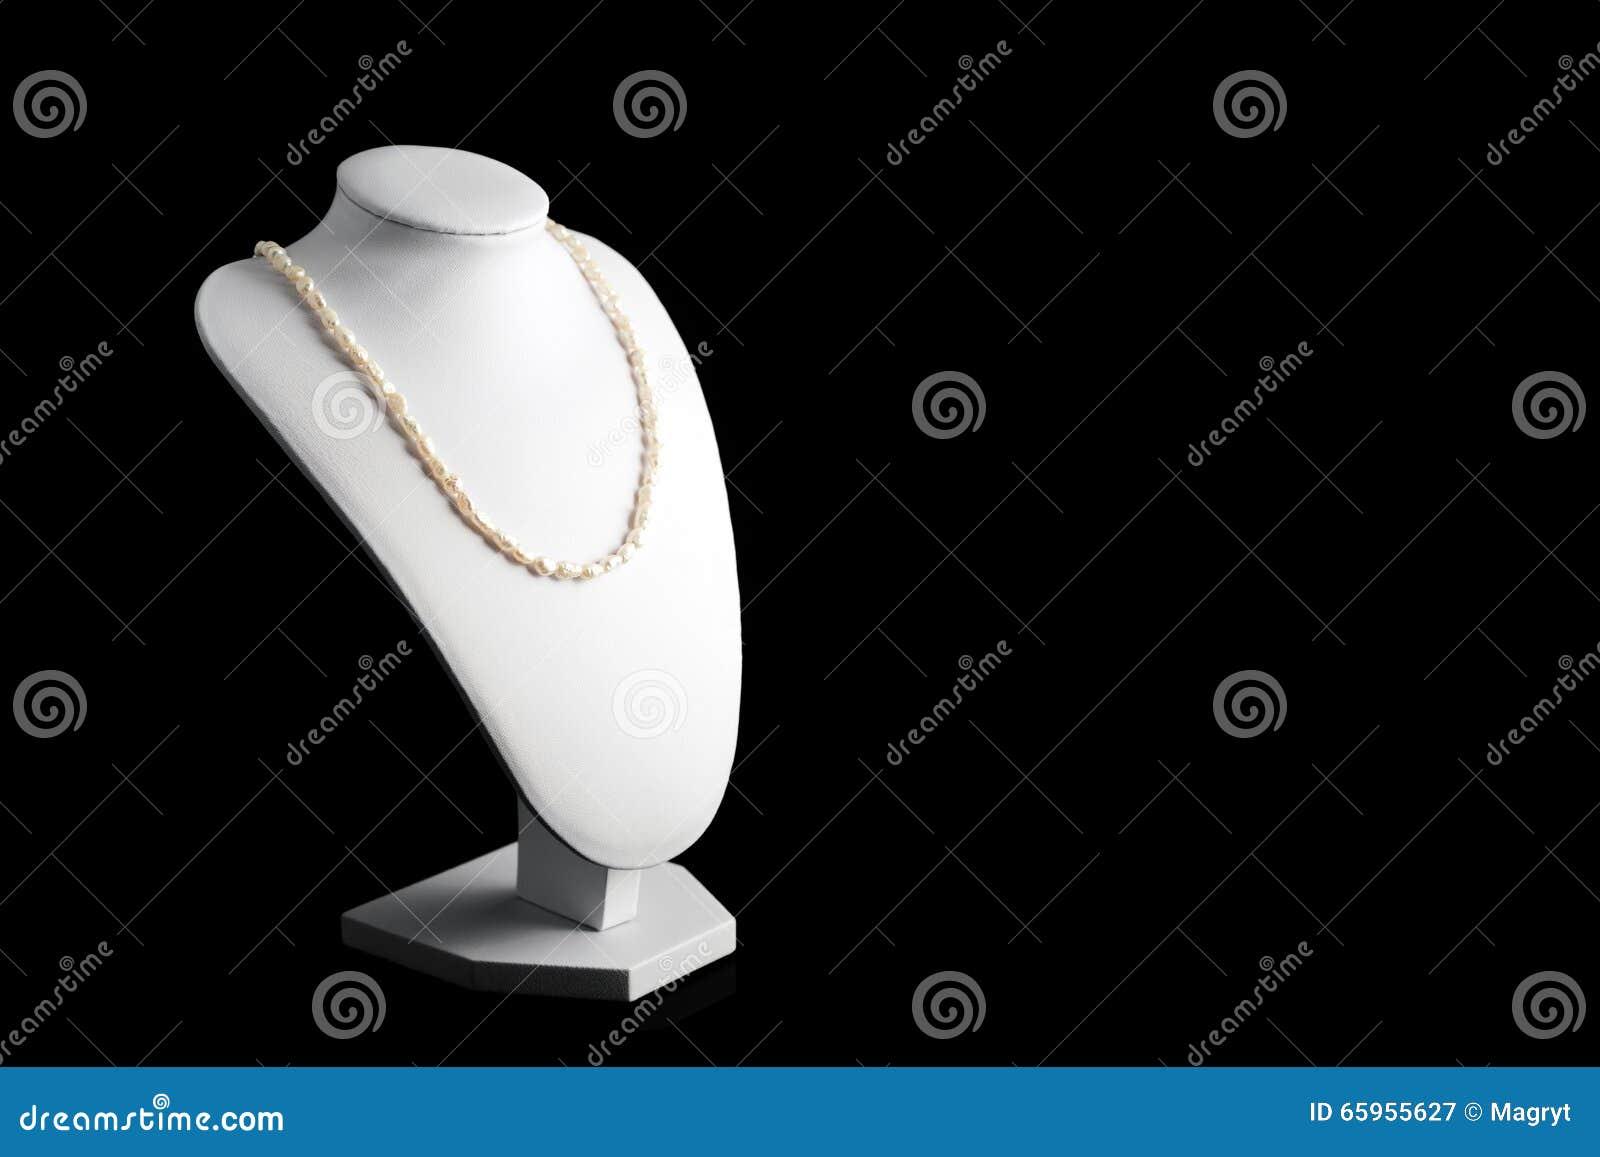 Colar feita de pérolas naturais em um suporte Acessórios das mulheres